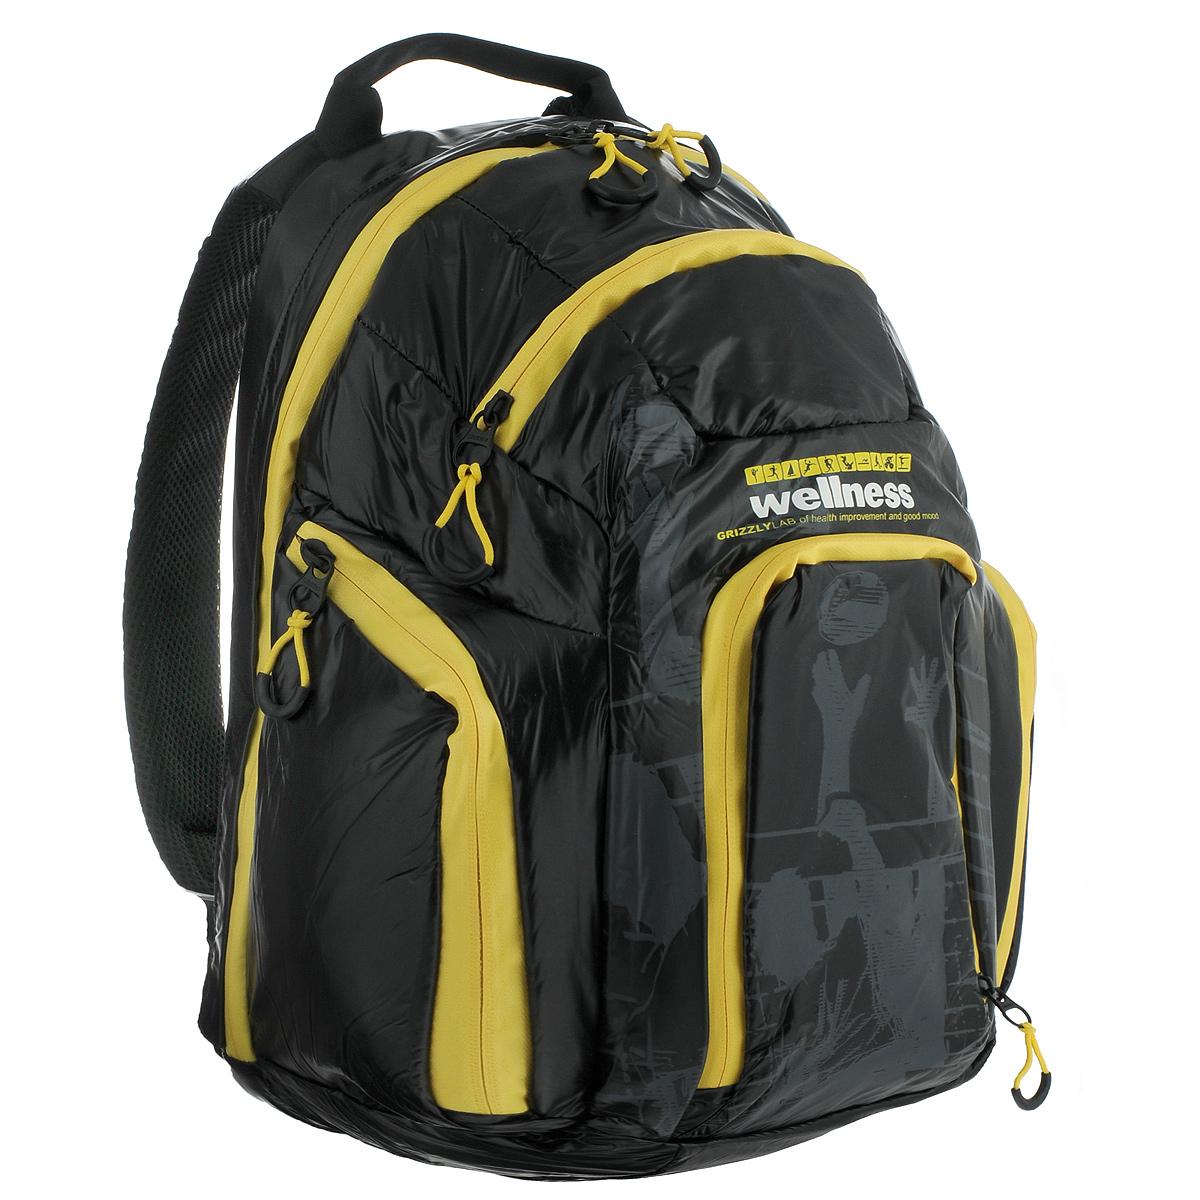 Рюкзак городской Grizzly, цвет: черный, желтый. RU-417-1 рюкзак городской grizzly цвет черный желтый 22 л ru 603 1 2